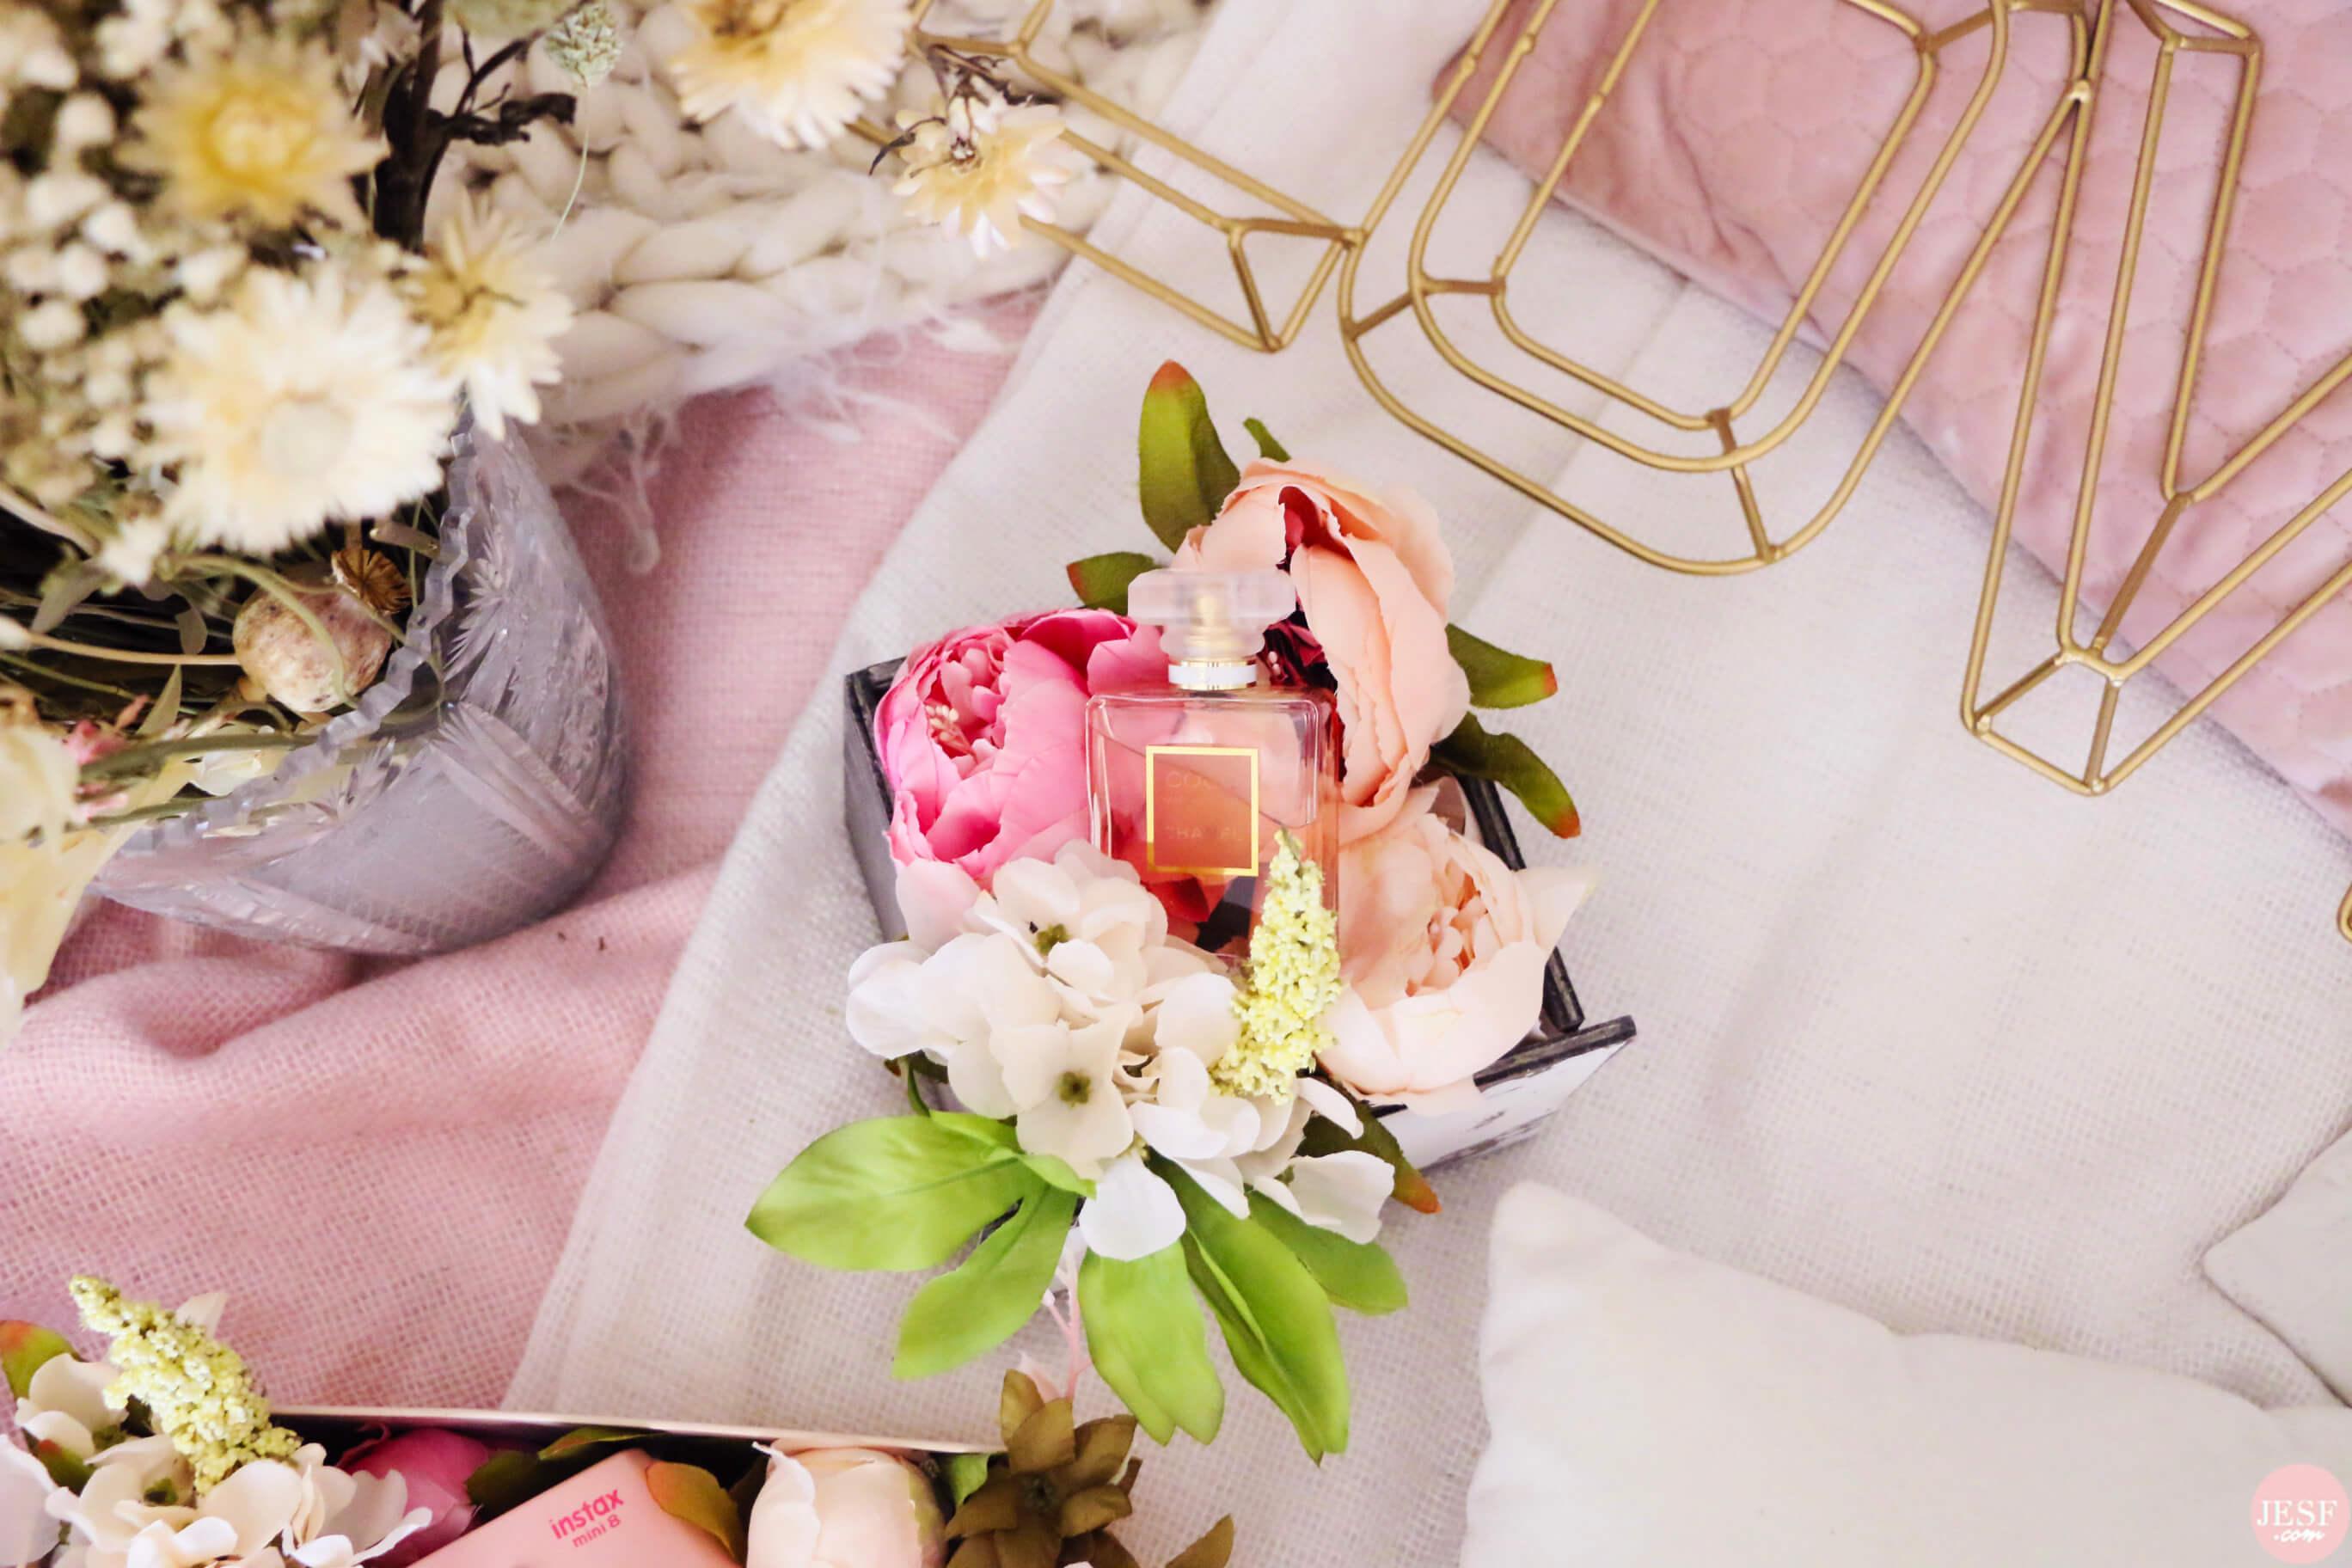 DIY-fête-des-mères-boites-fleurs-emballage-polaroid-parfum-bijoux(2)